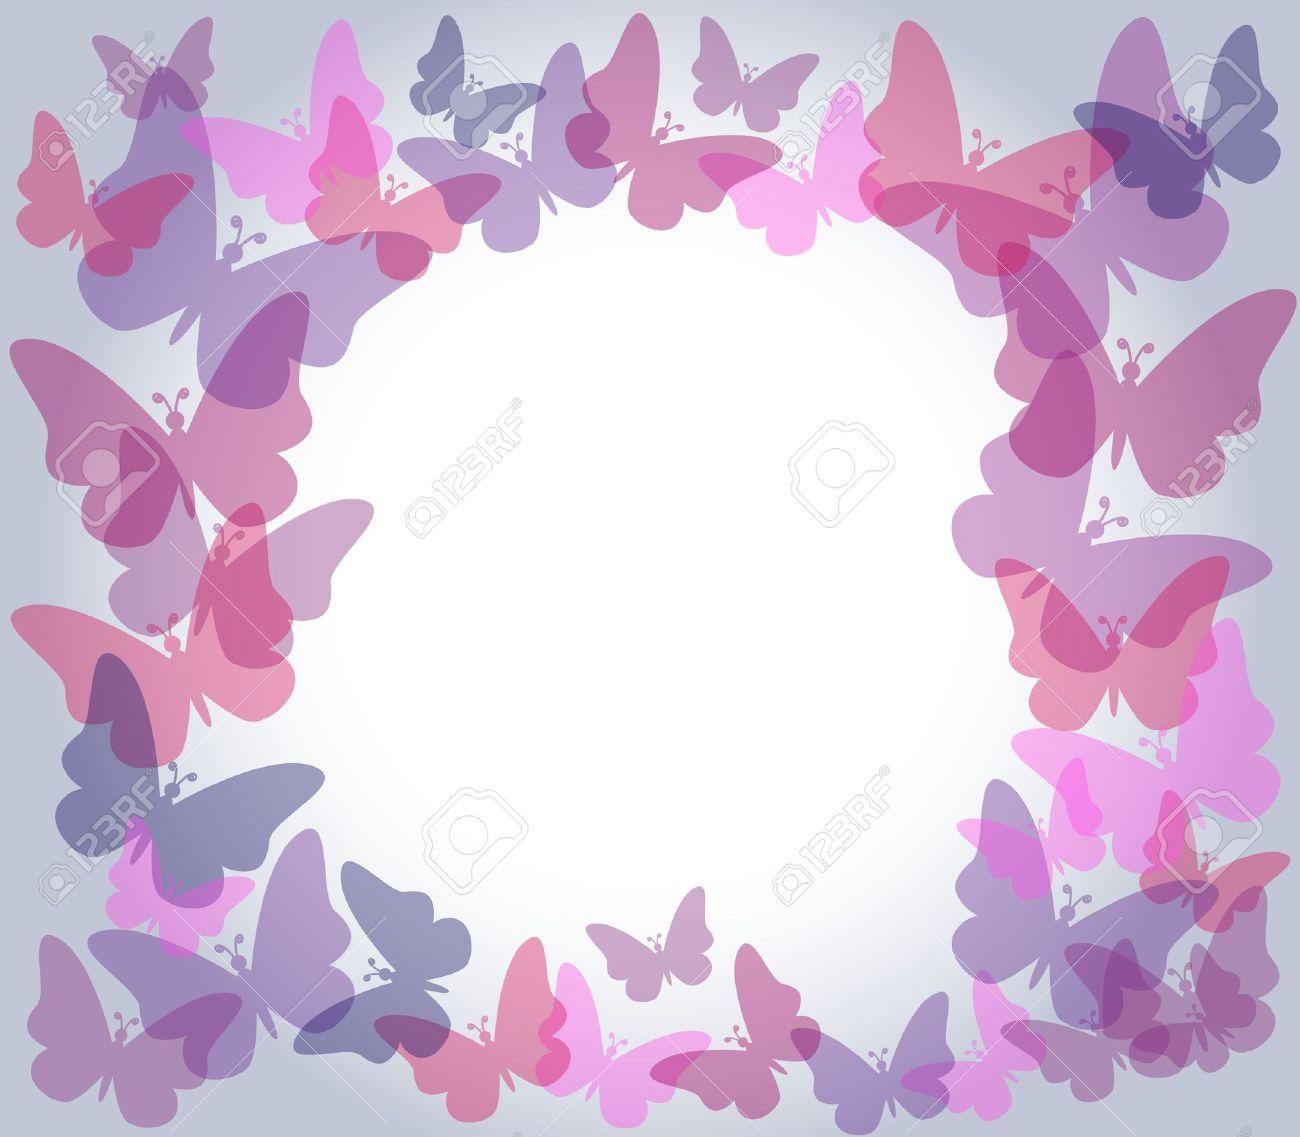 Vettoriale Cornice Bella Natura Con Farfalle Trasparenti Colorati